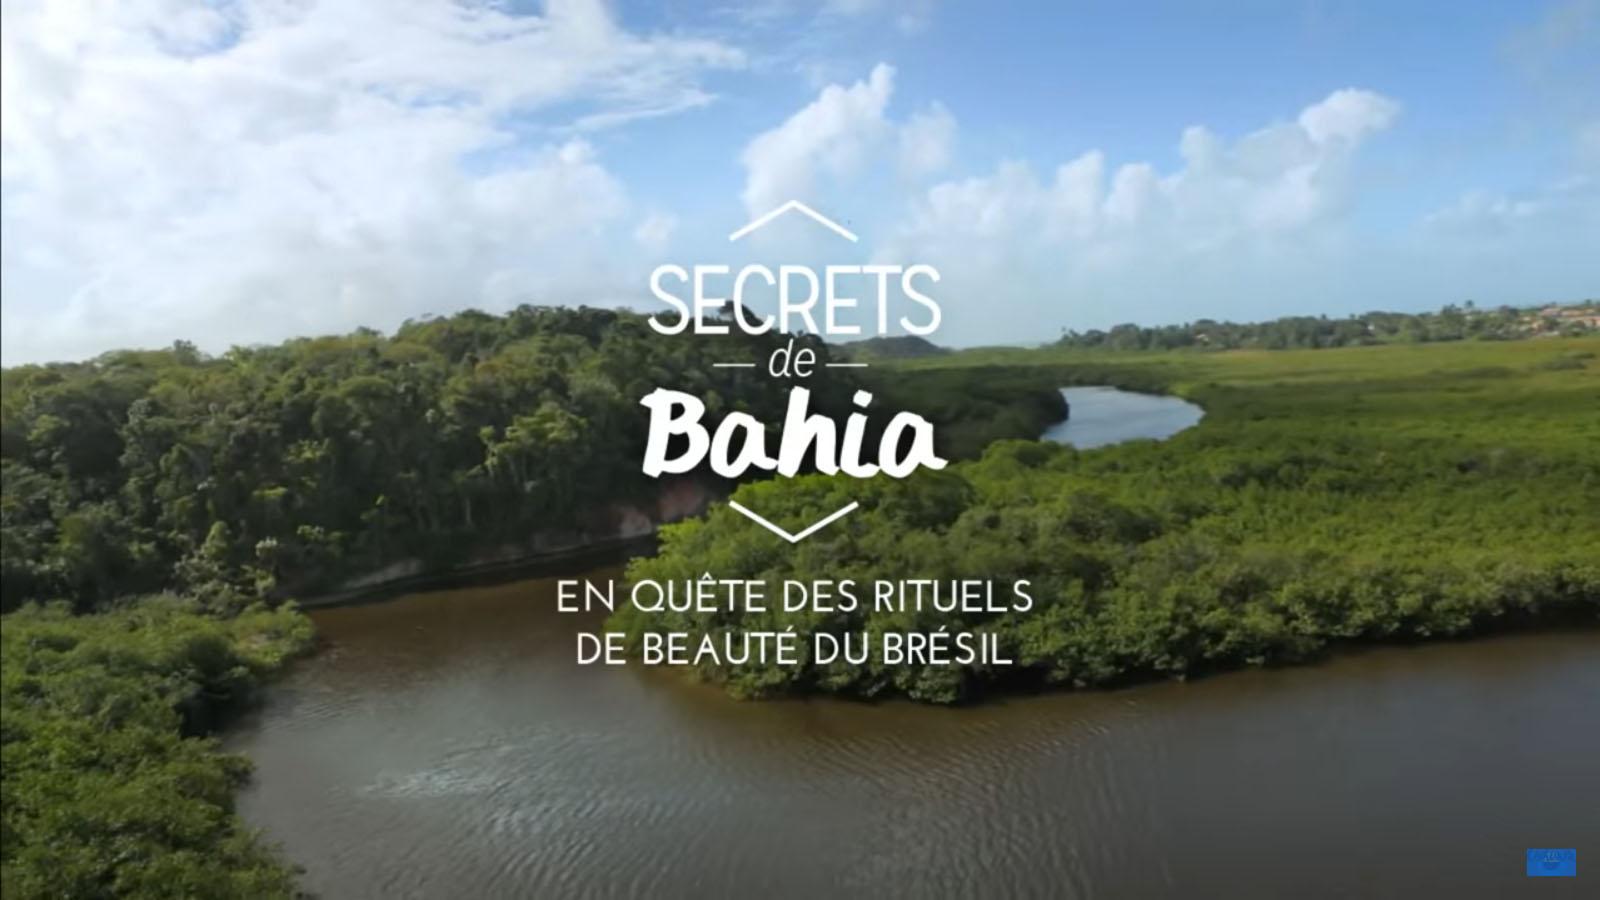 Secrets de Bahia - L'Oreal